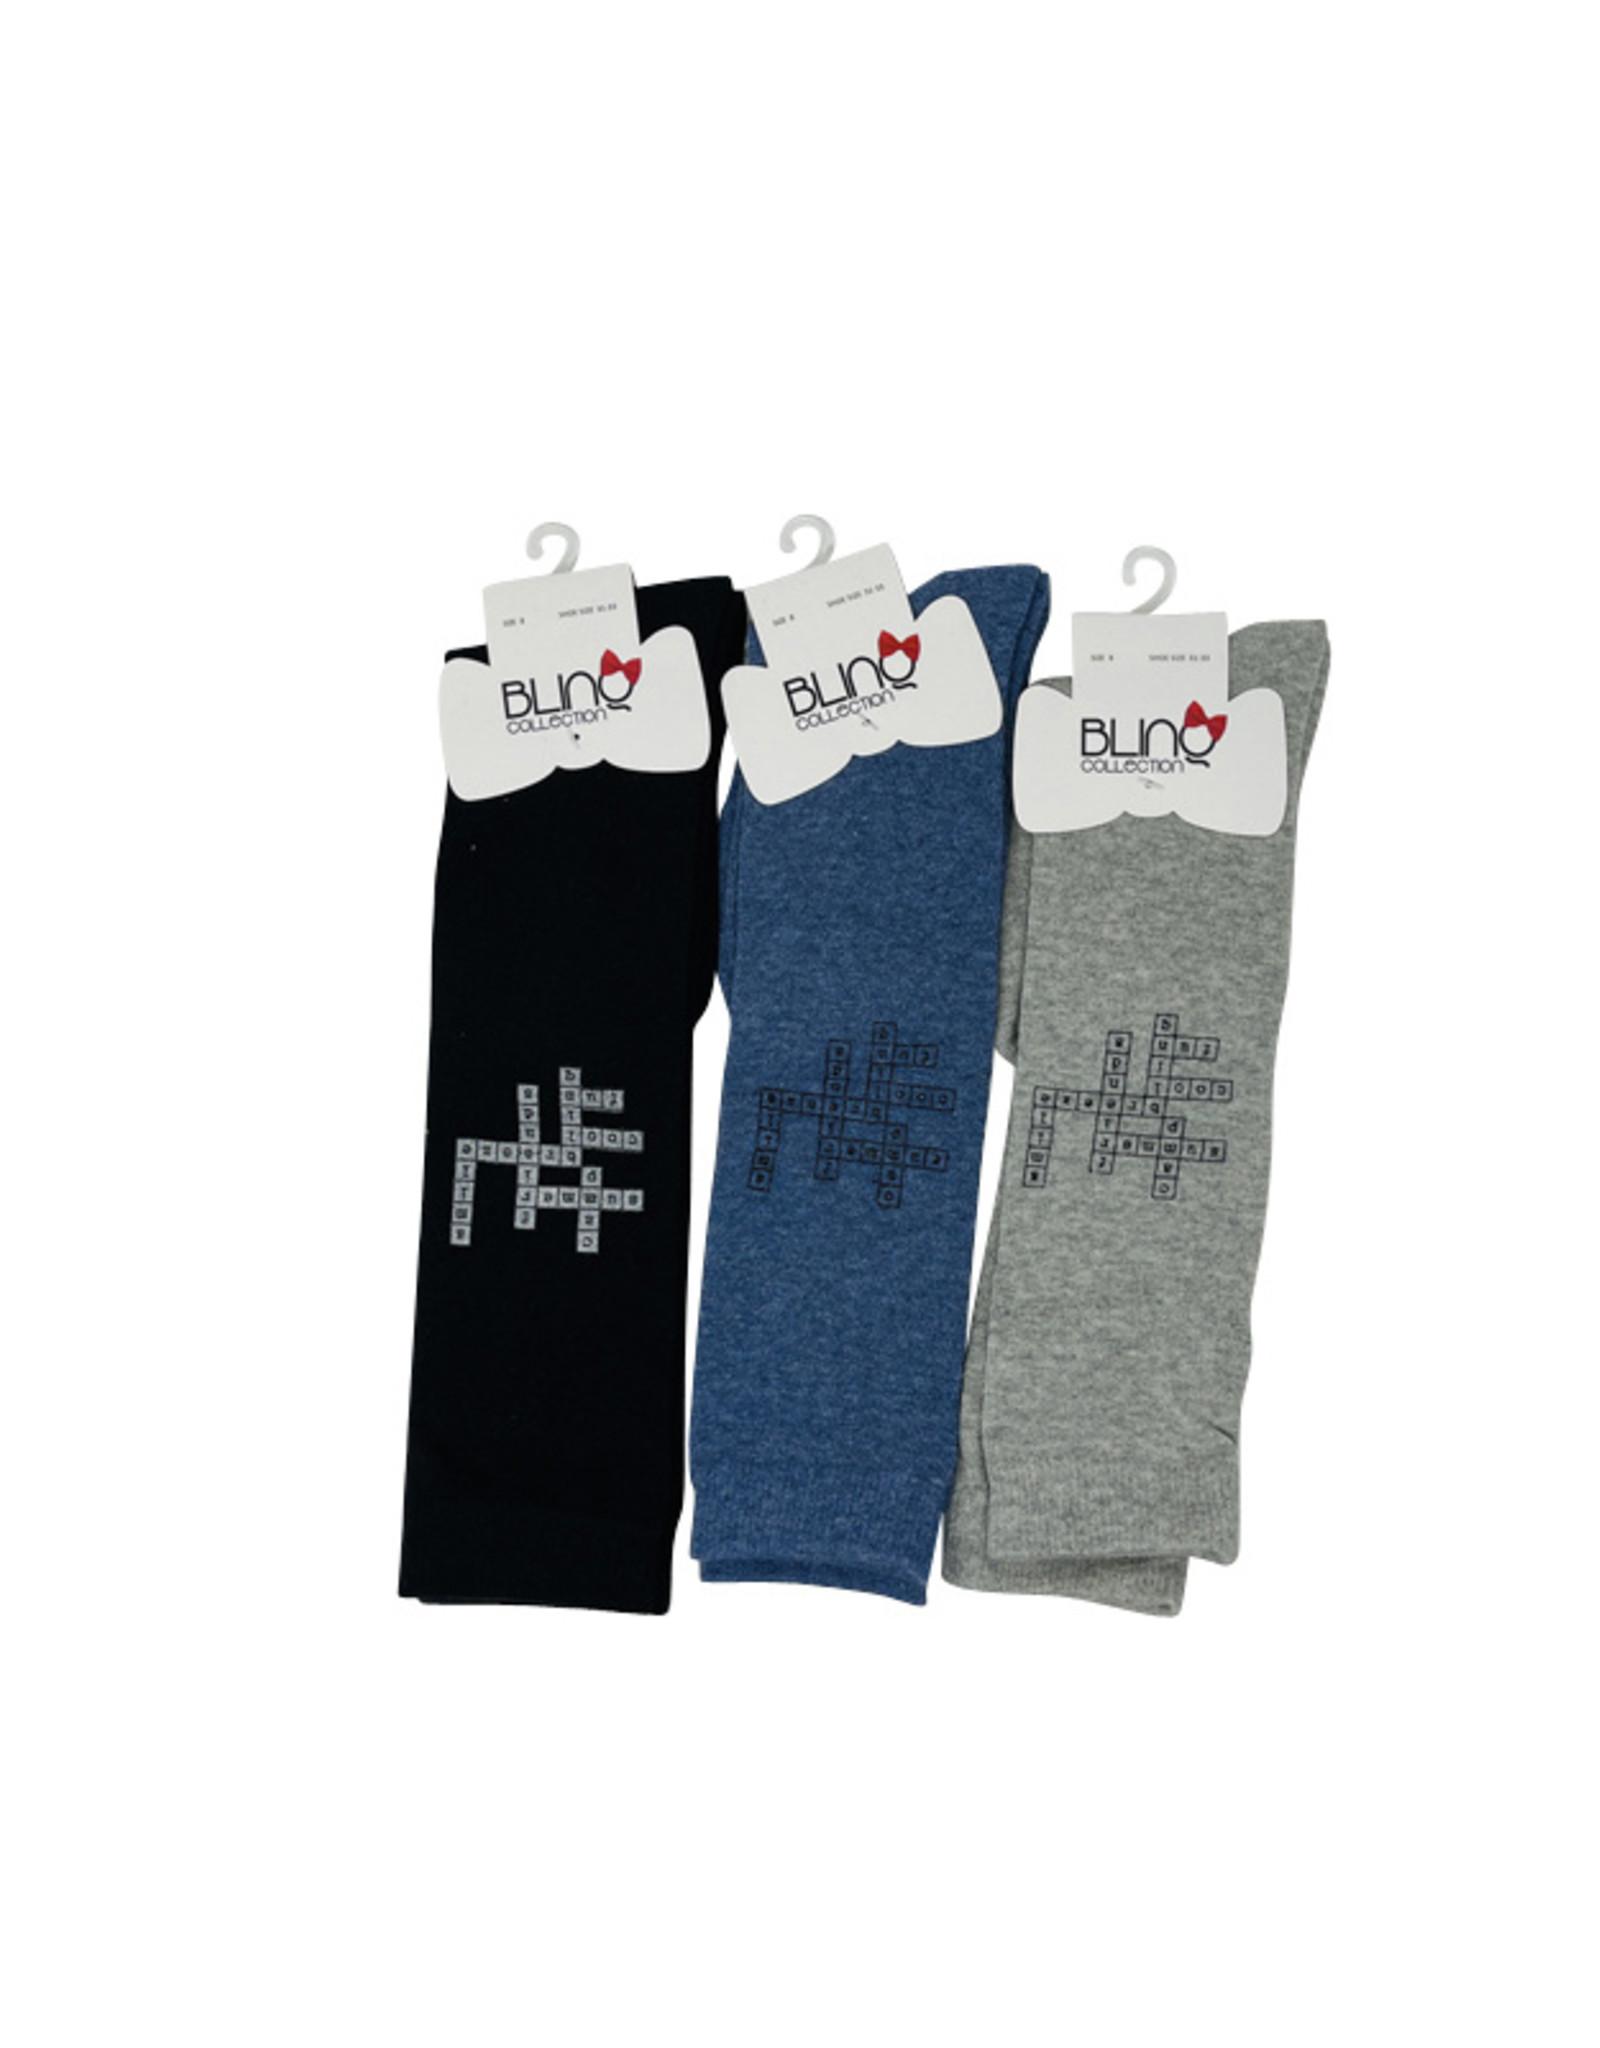 Blinq Blinq Crossword Knee Sock